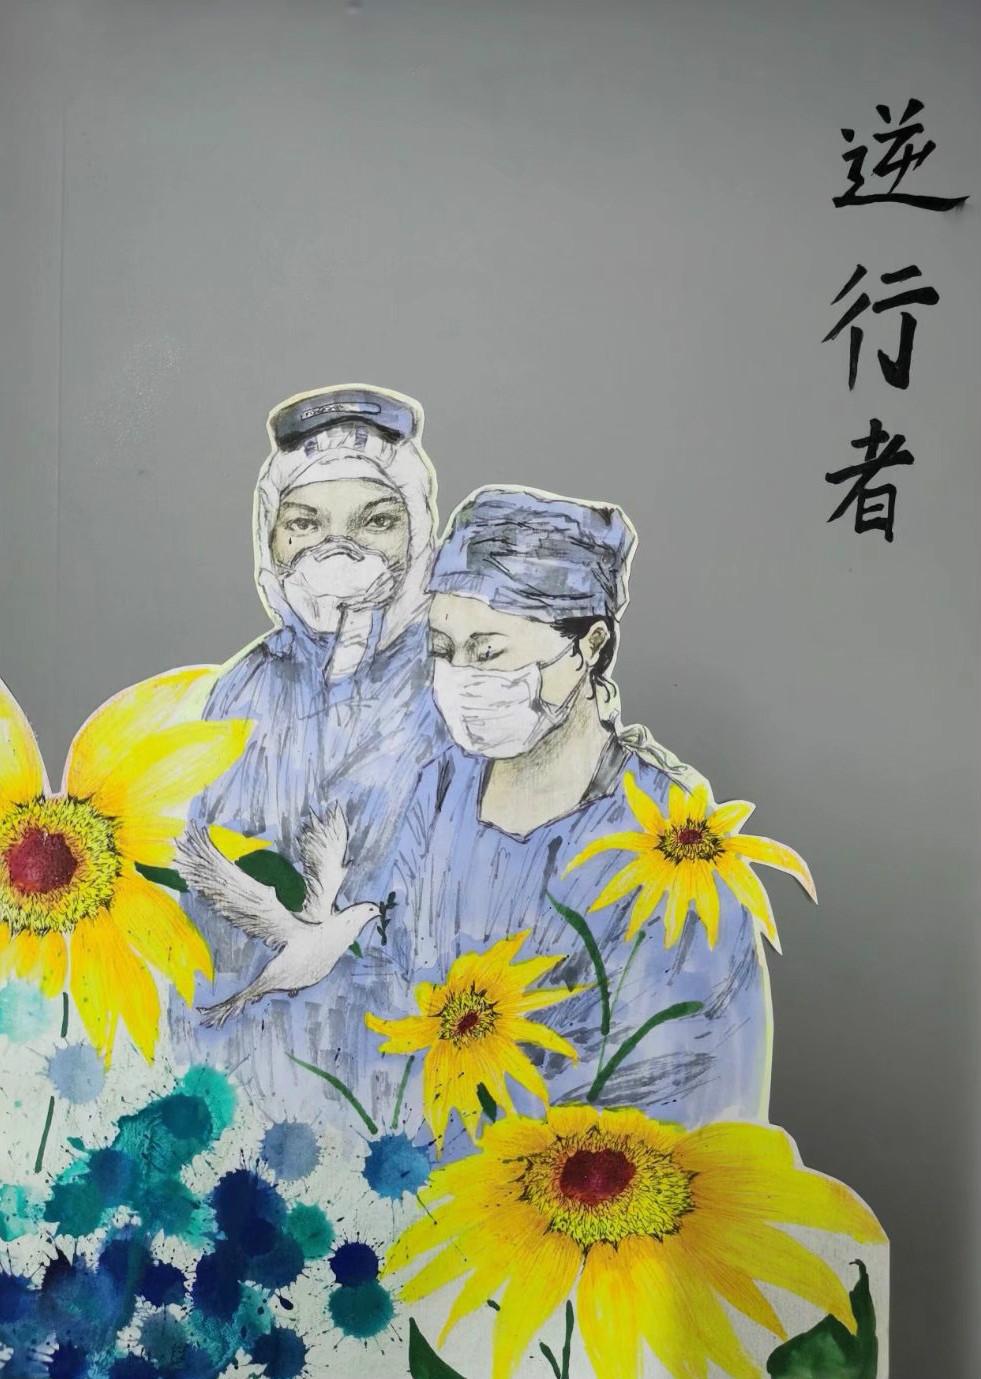 《向阳而开的逆行者》-陈诗涵.jpg